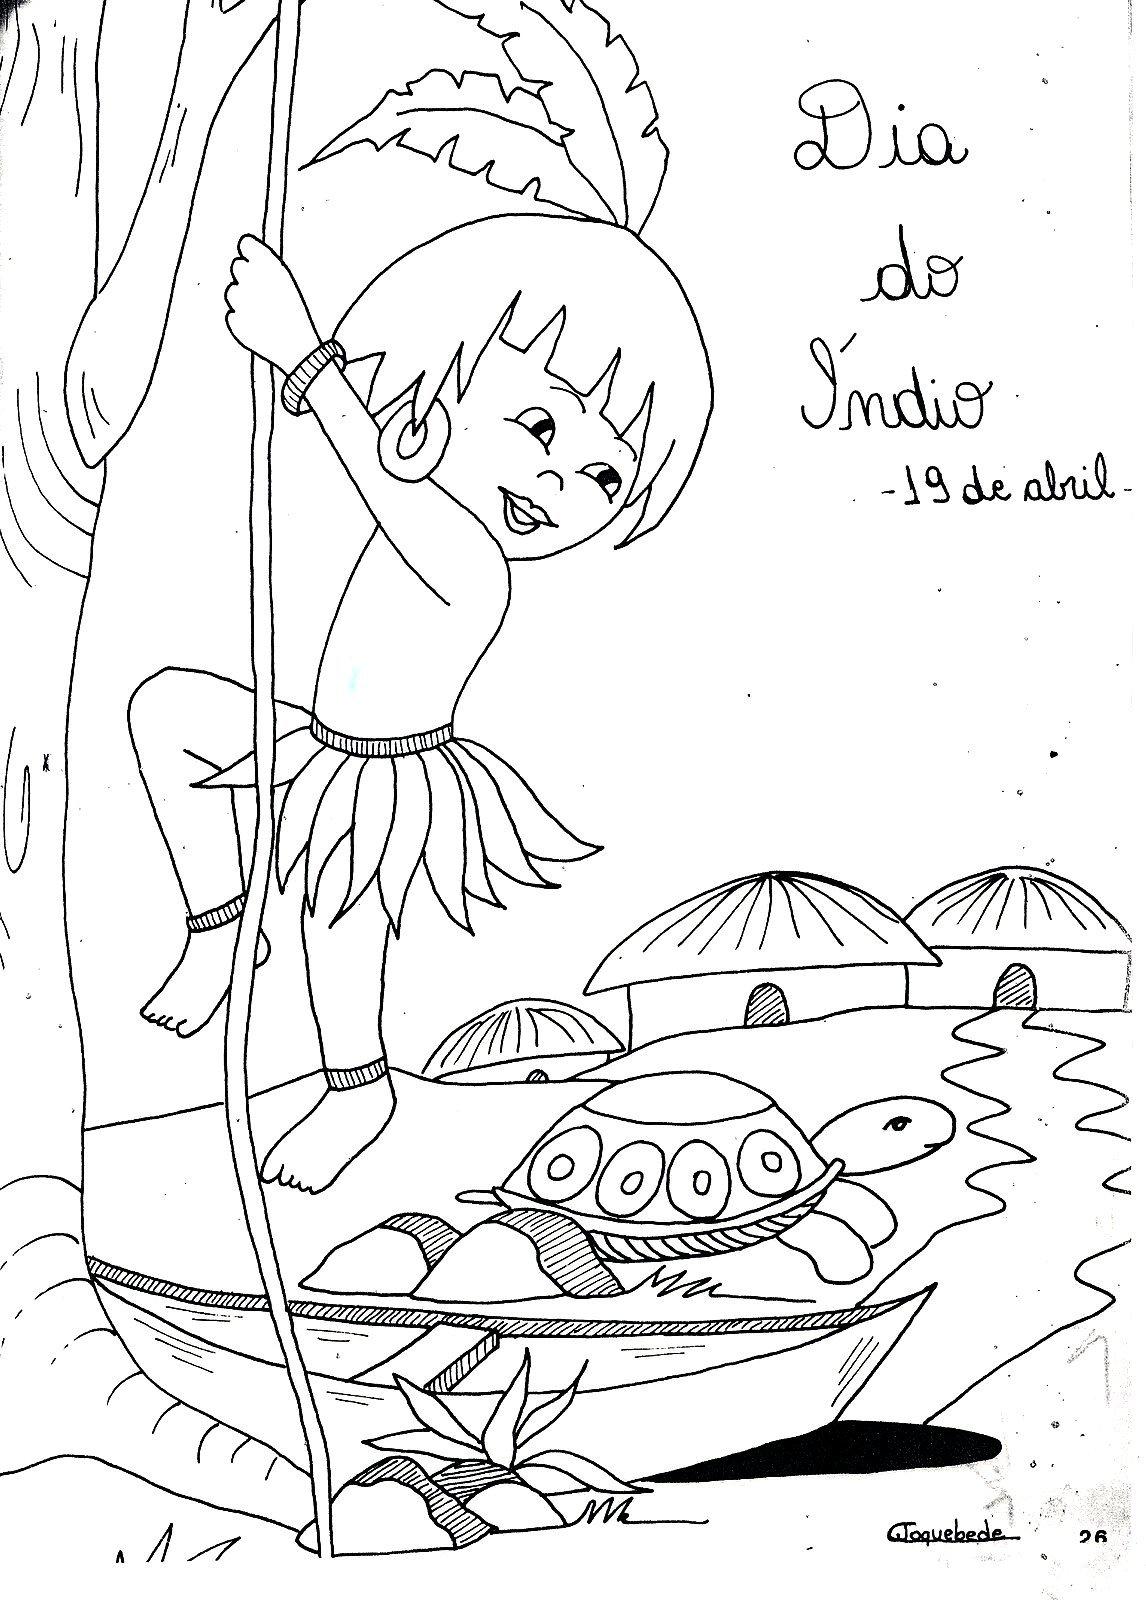 Dicas De Desenhos Do Dia Do Índio Para Imprimir E Colorir